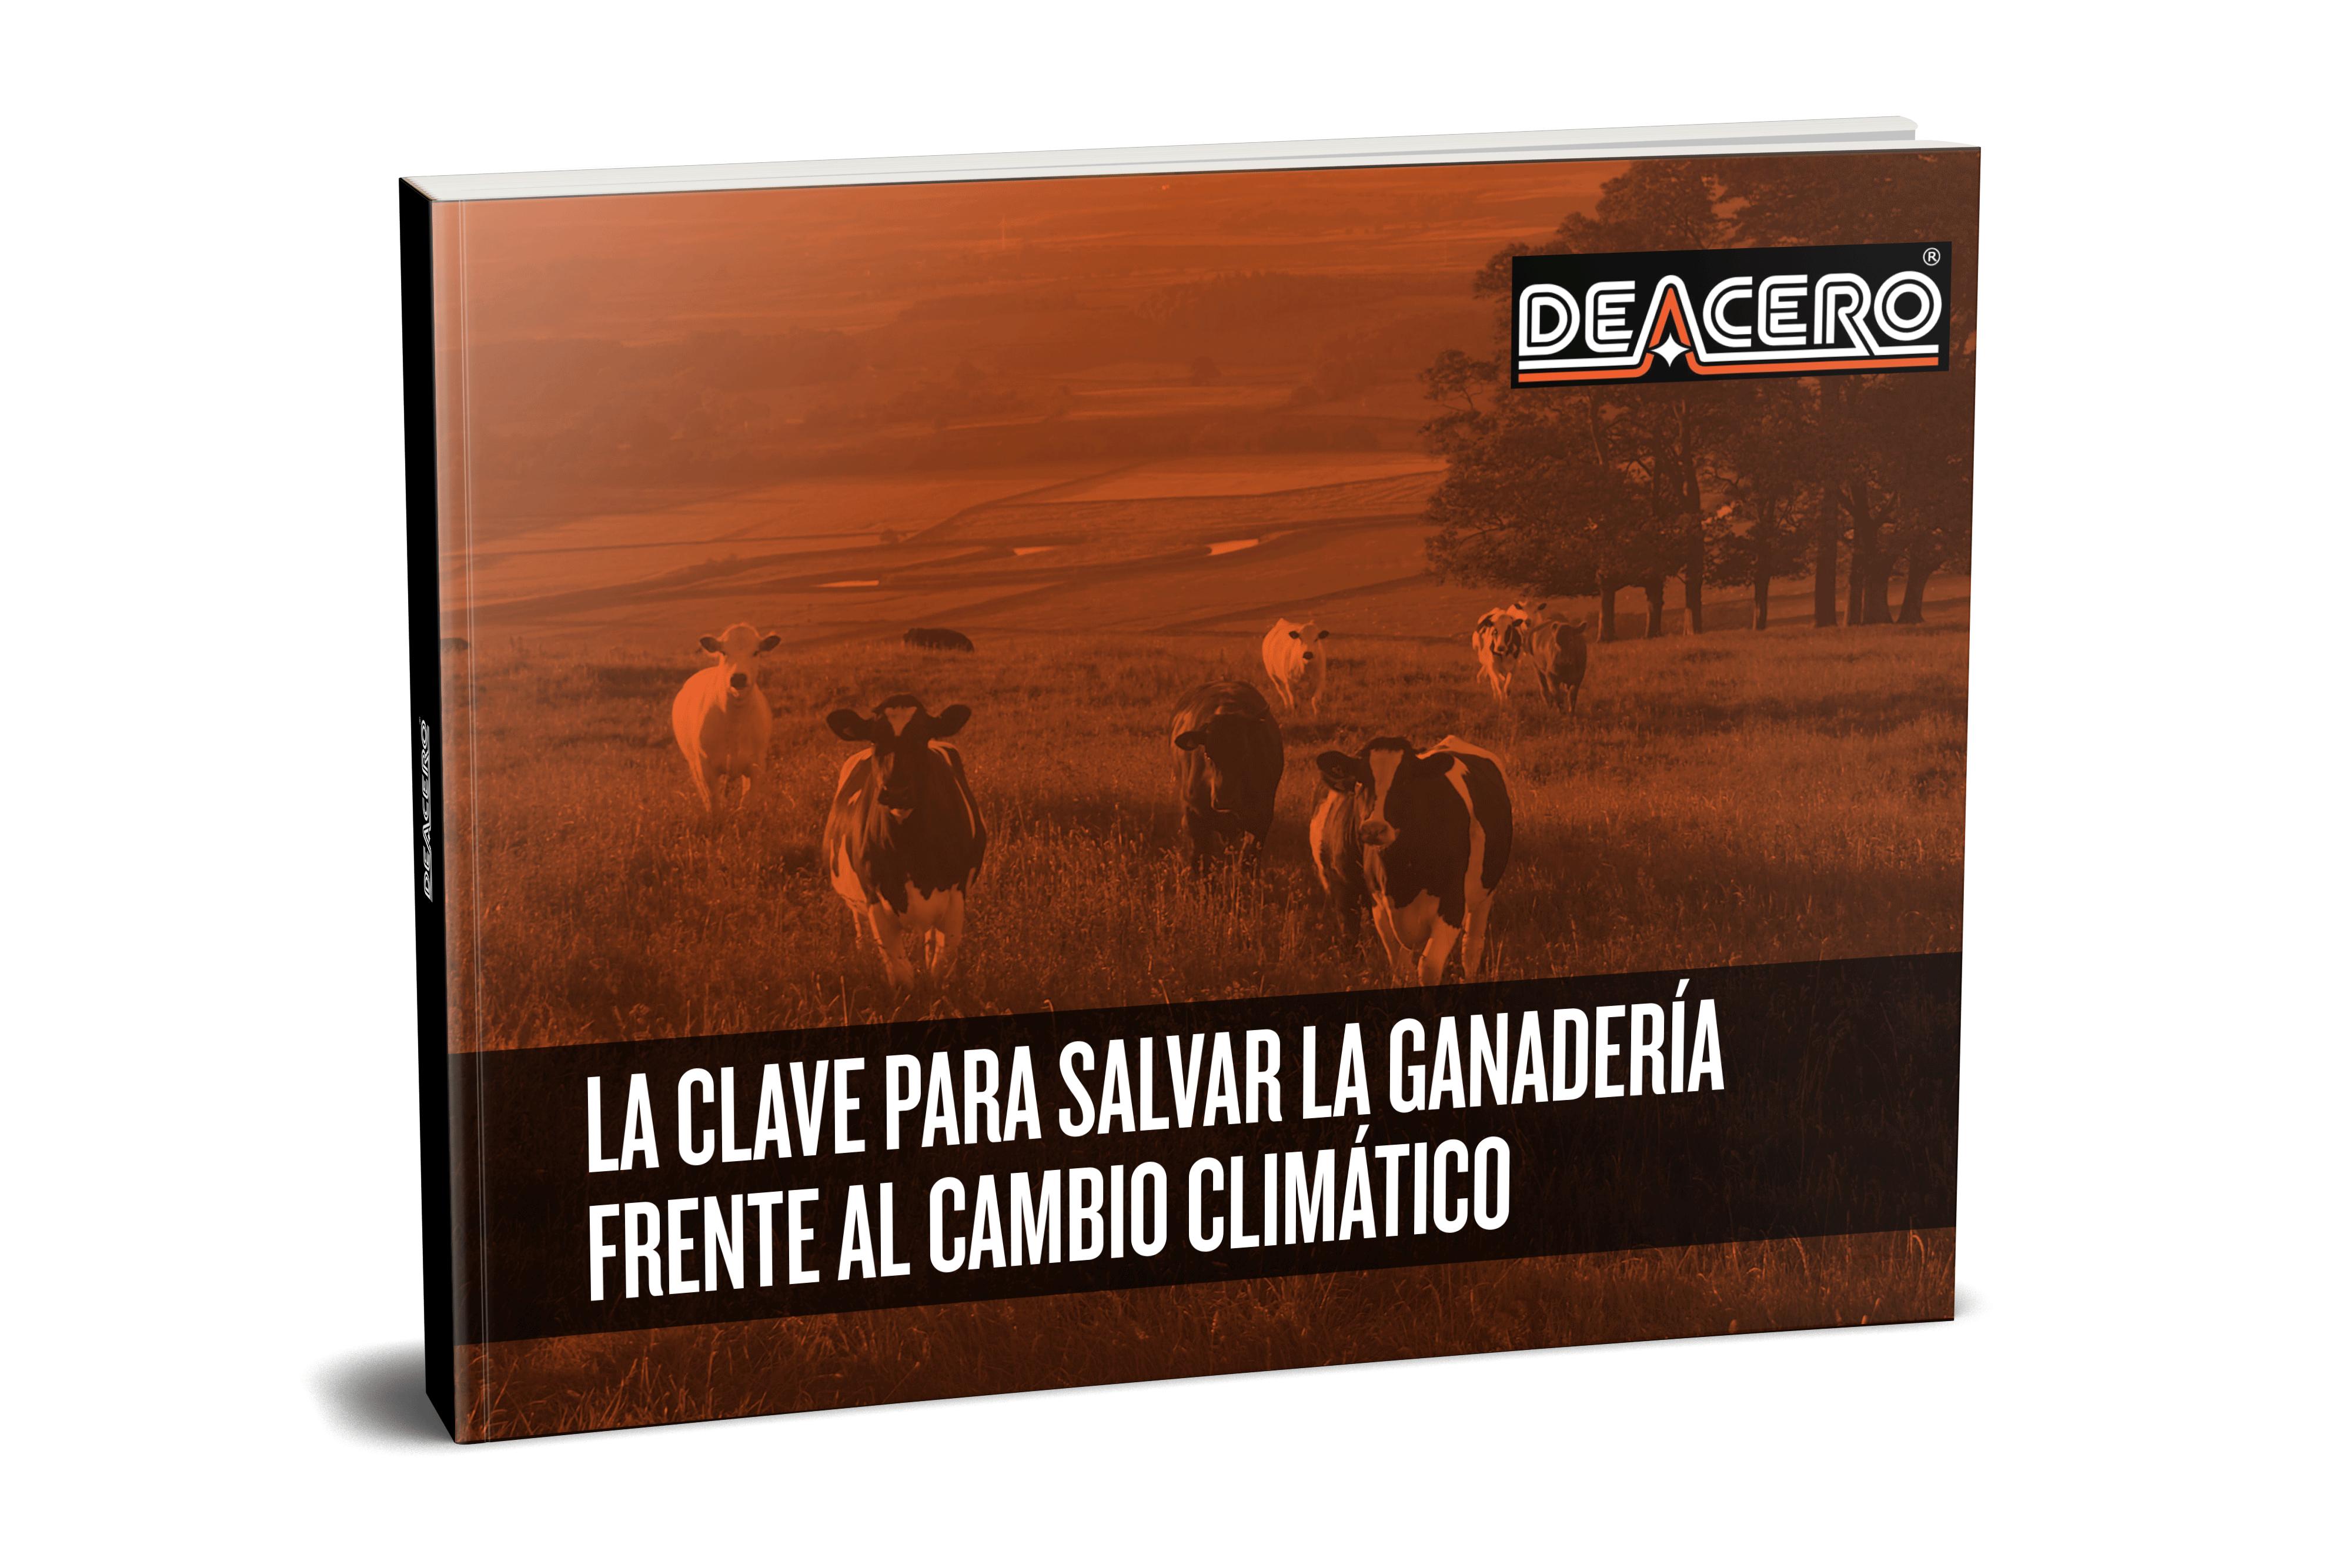 La clave para salvar la ganadería frente al cambio climático